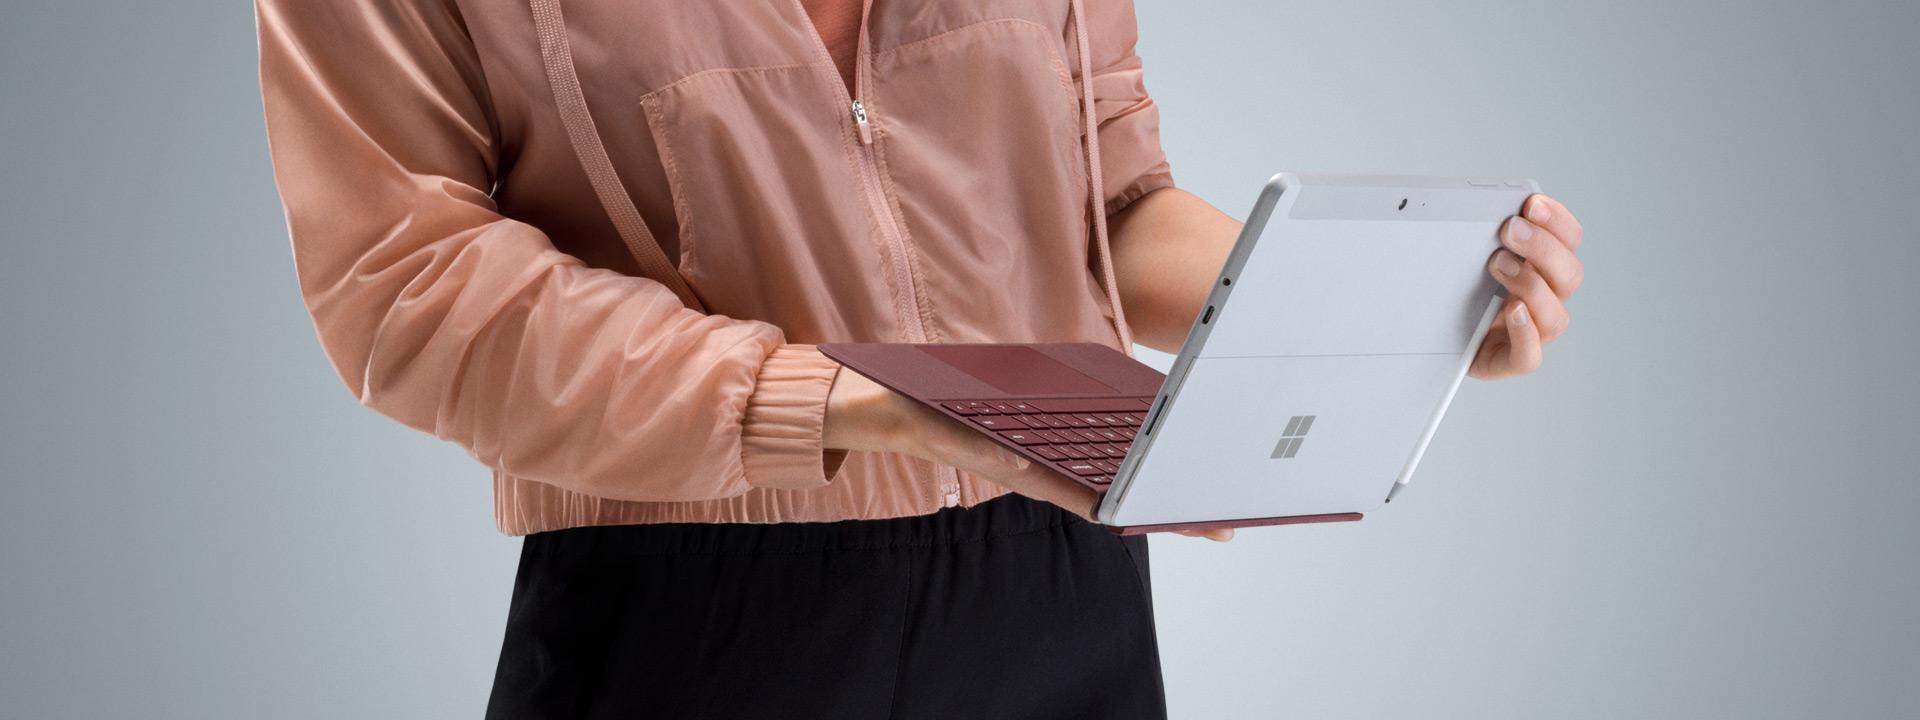 身着粉红色夹克的女孩手持 Surface Go